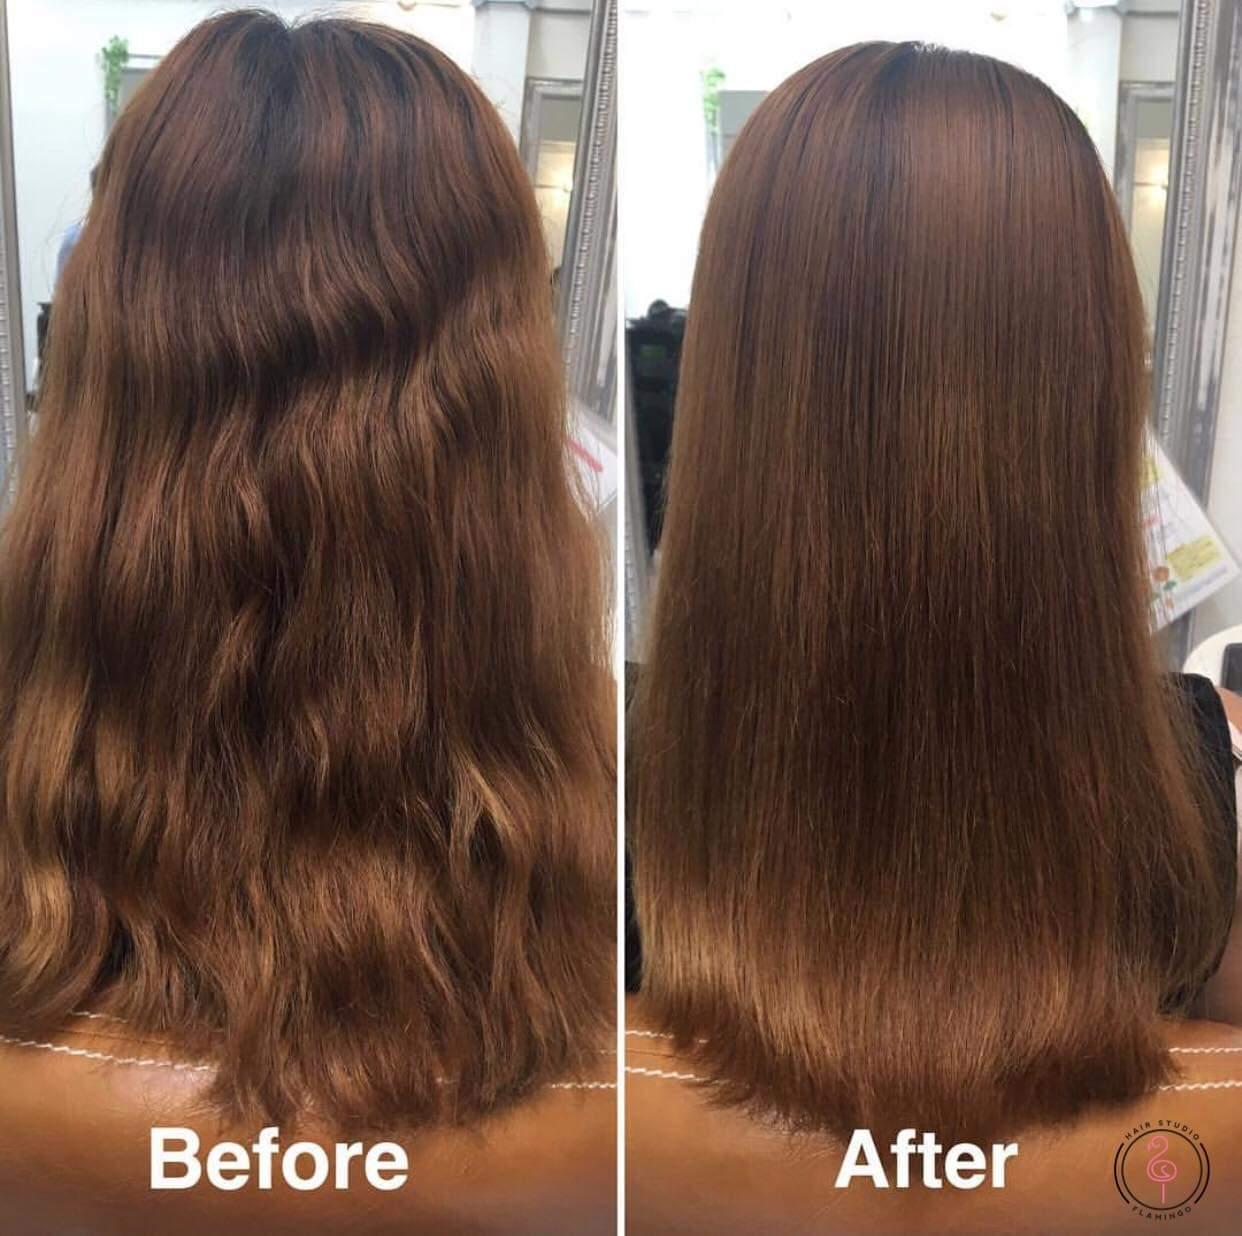 Best Hair Salons for Rebonding in 2018 / 2019